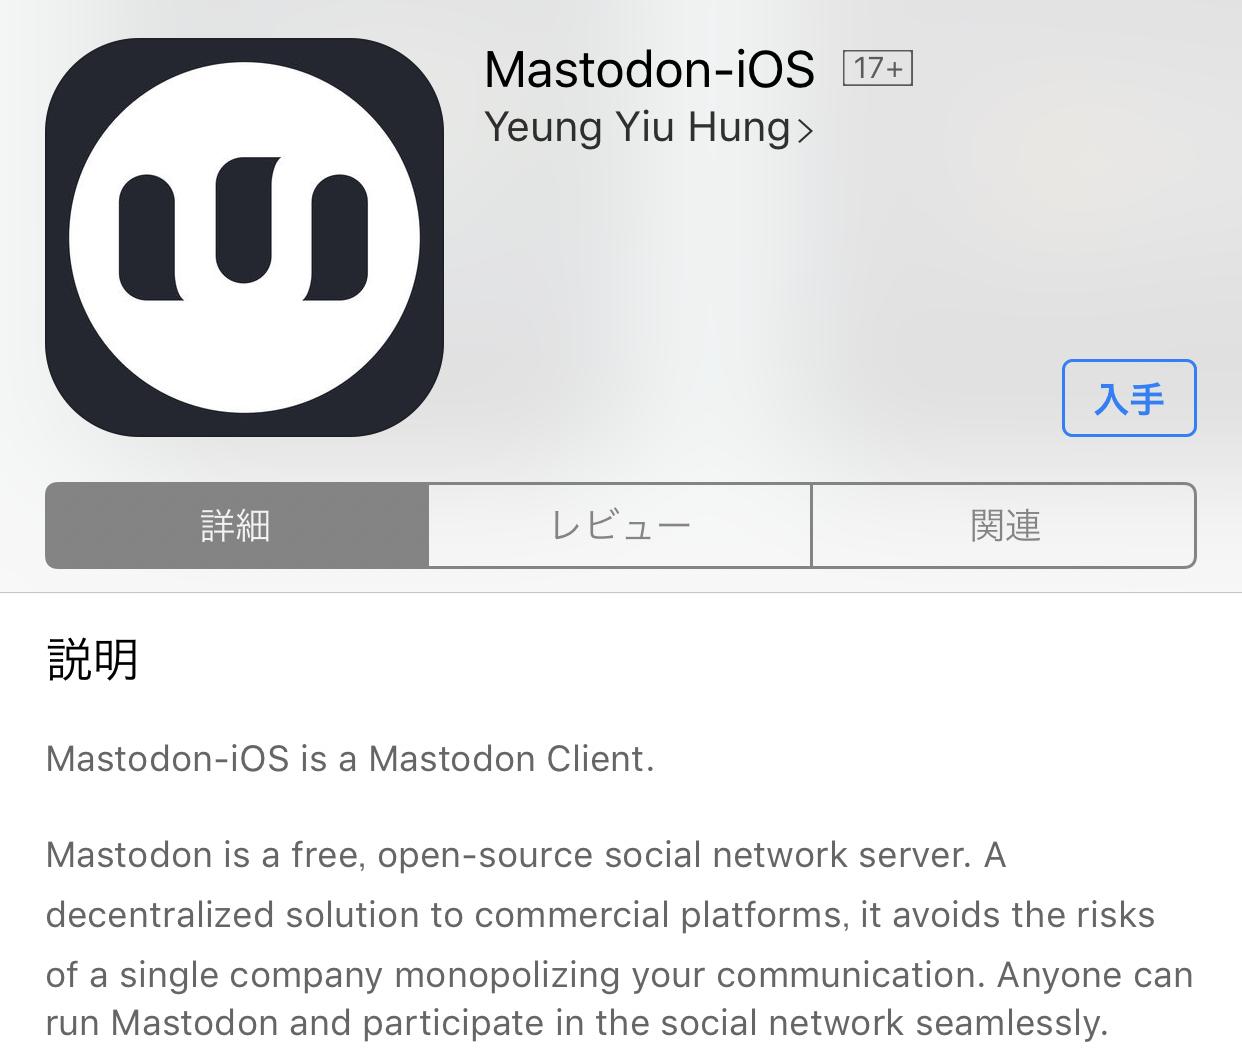 複数インスタンス切り替えが可能なiOSアプリ『Mastodon-iOS』が登場